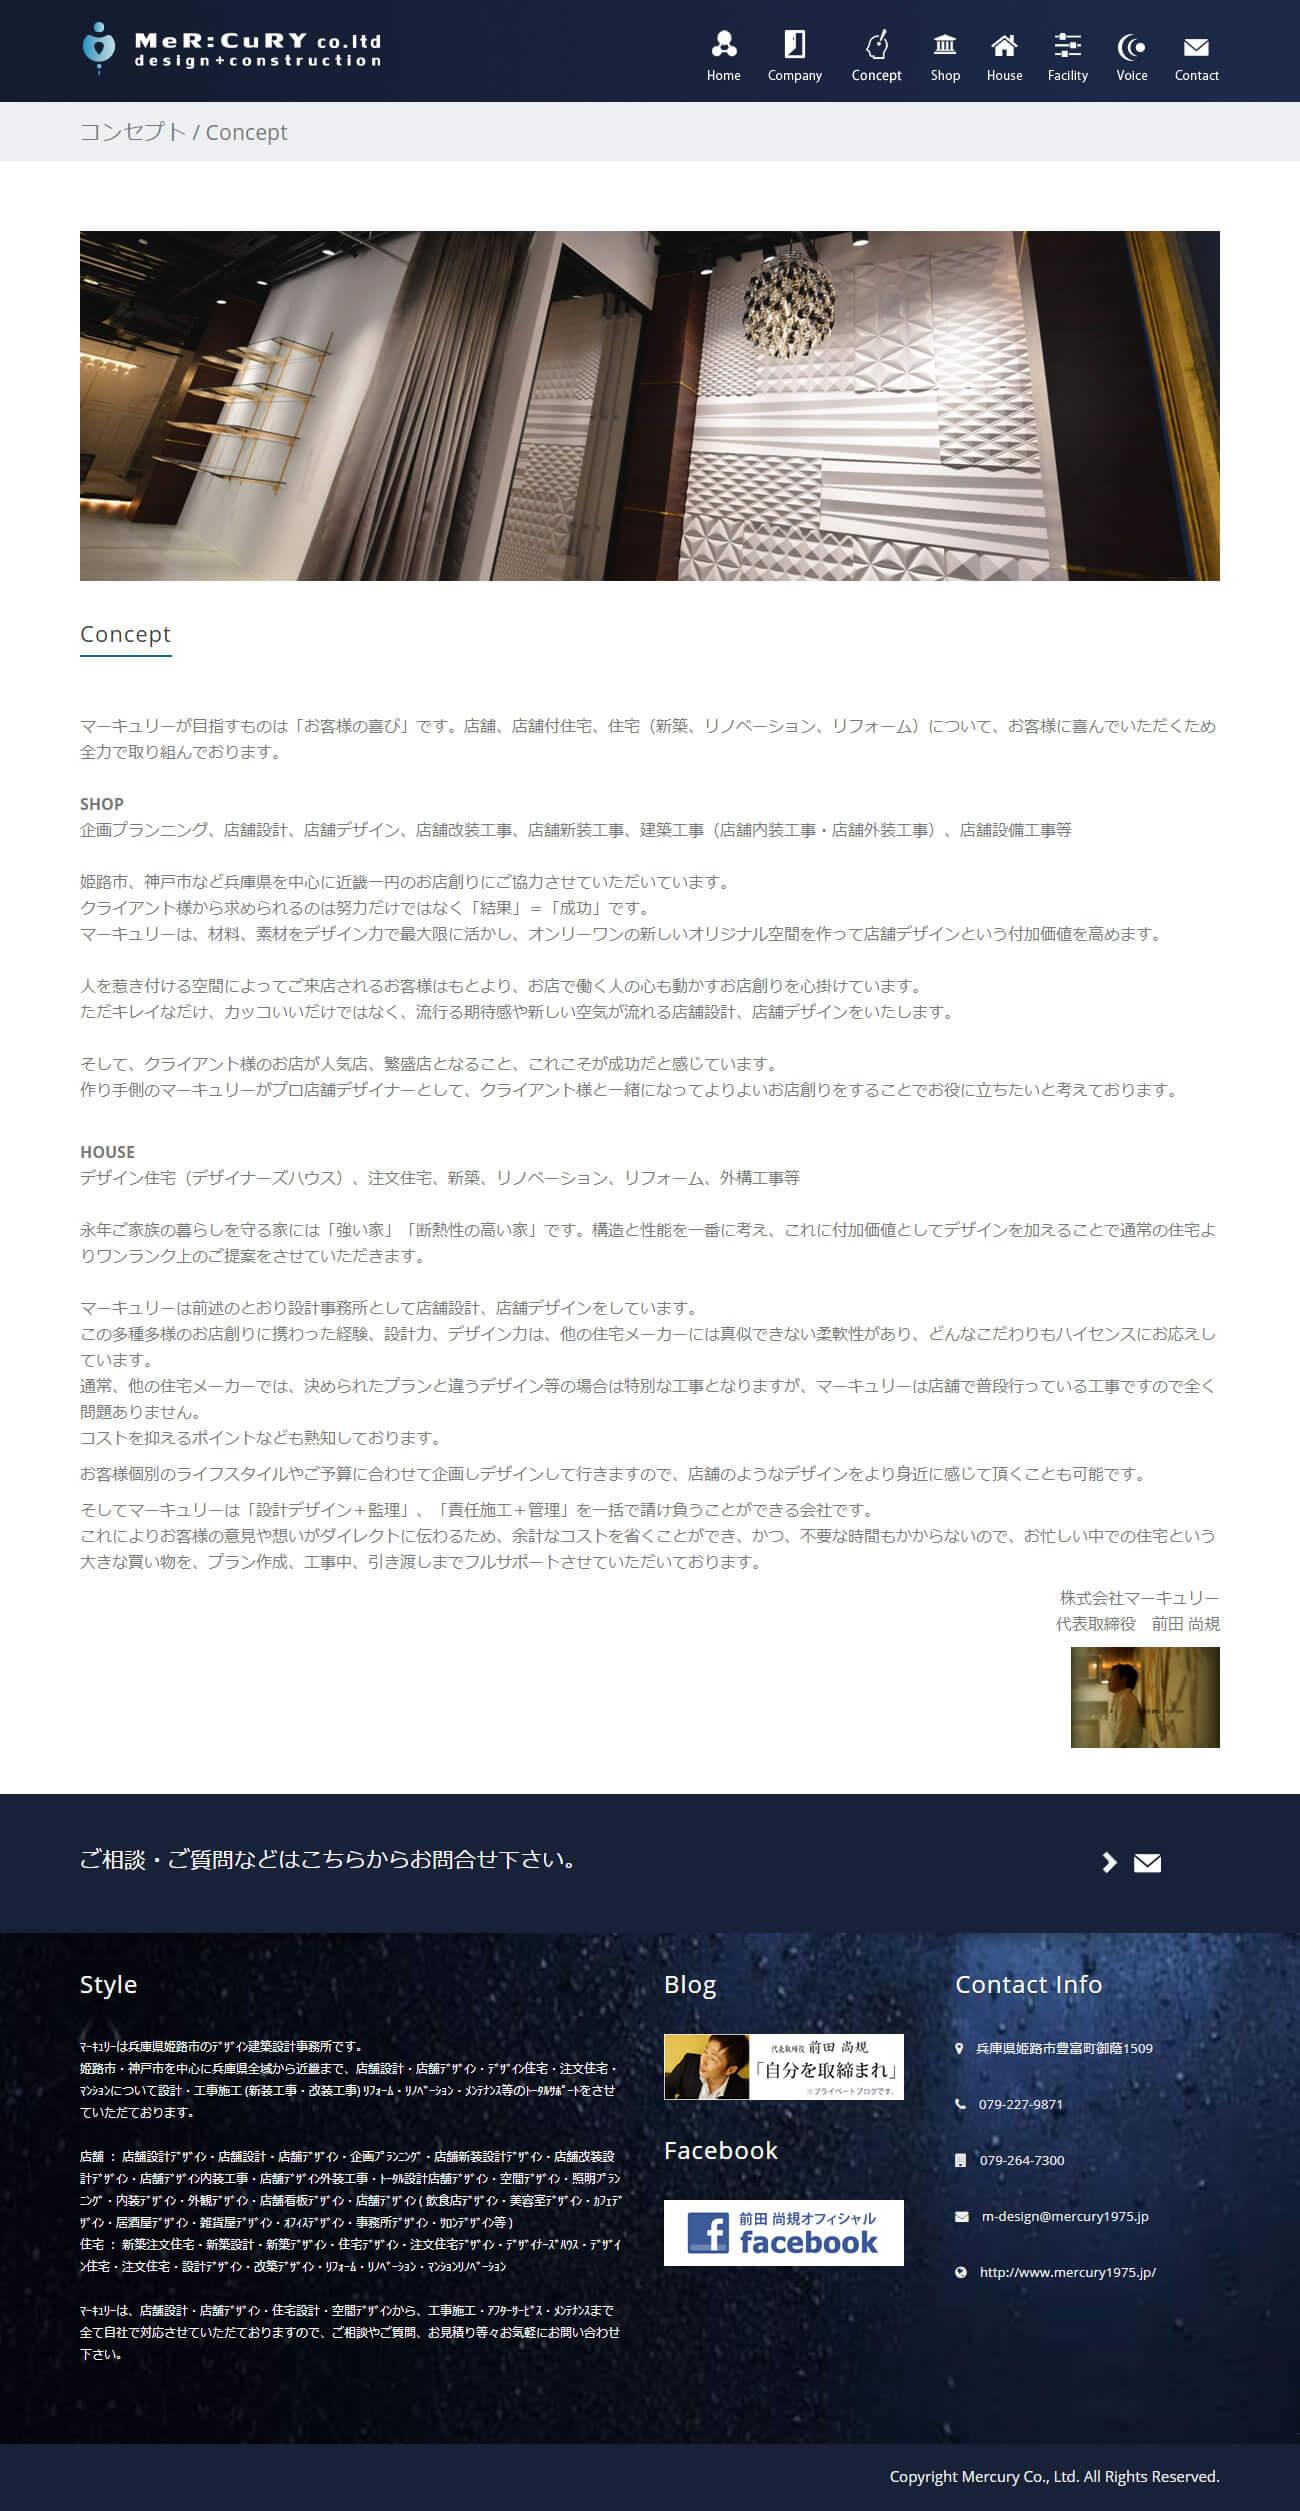 姫路市 株式会社マーキュリー様 ホームページ制作2